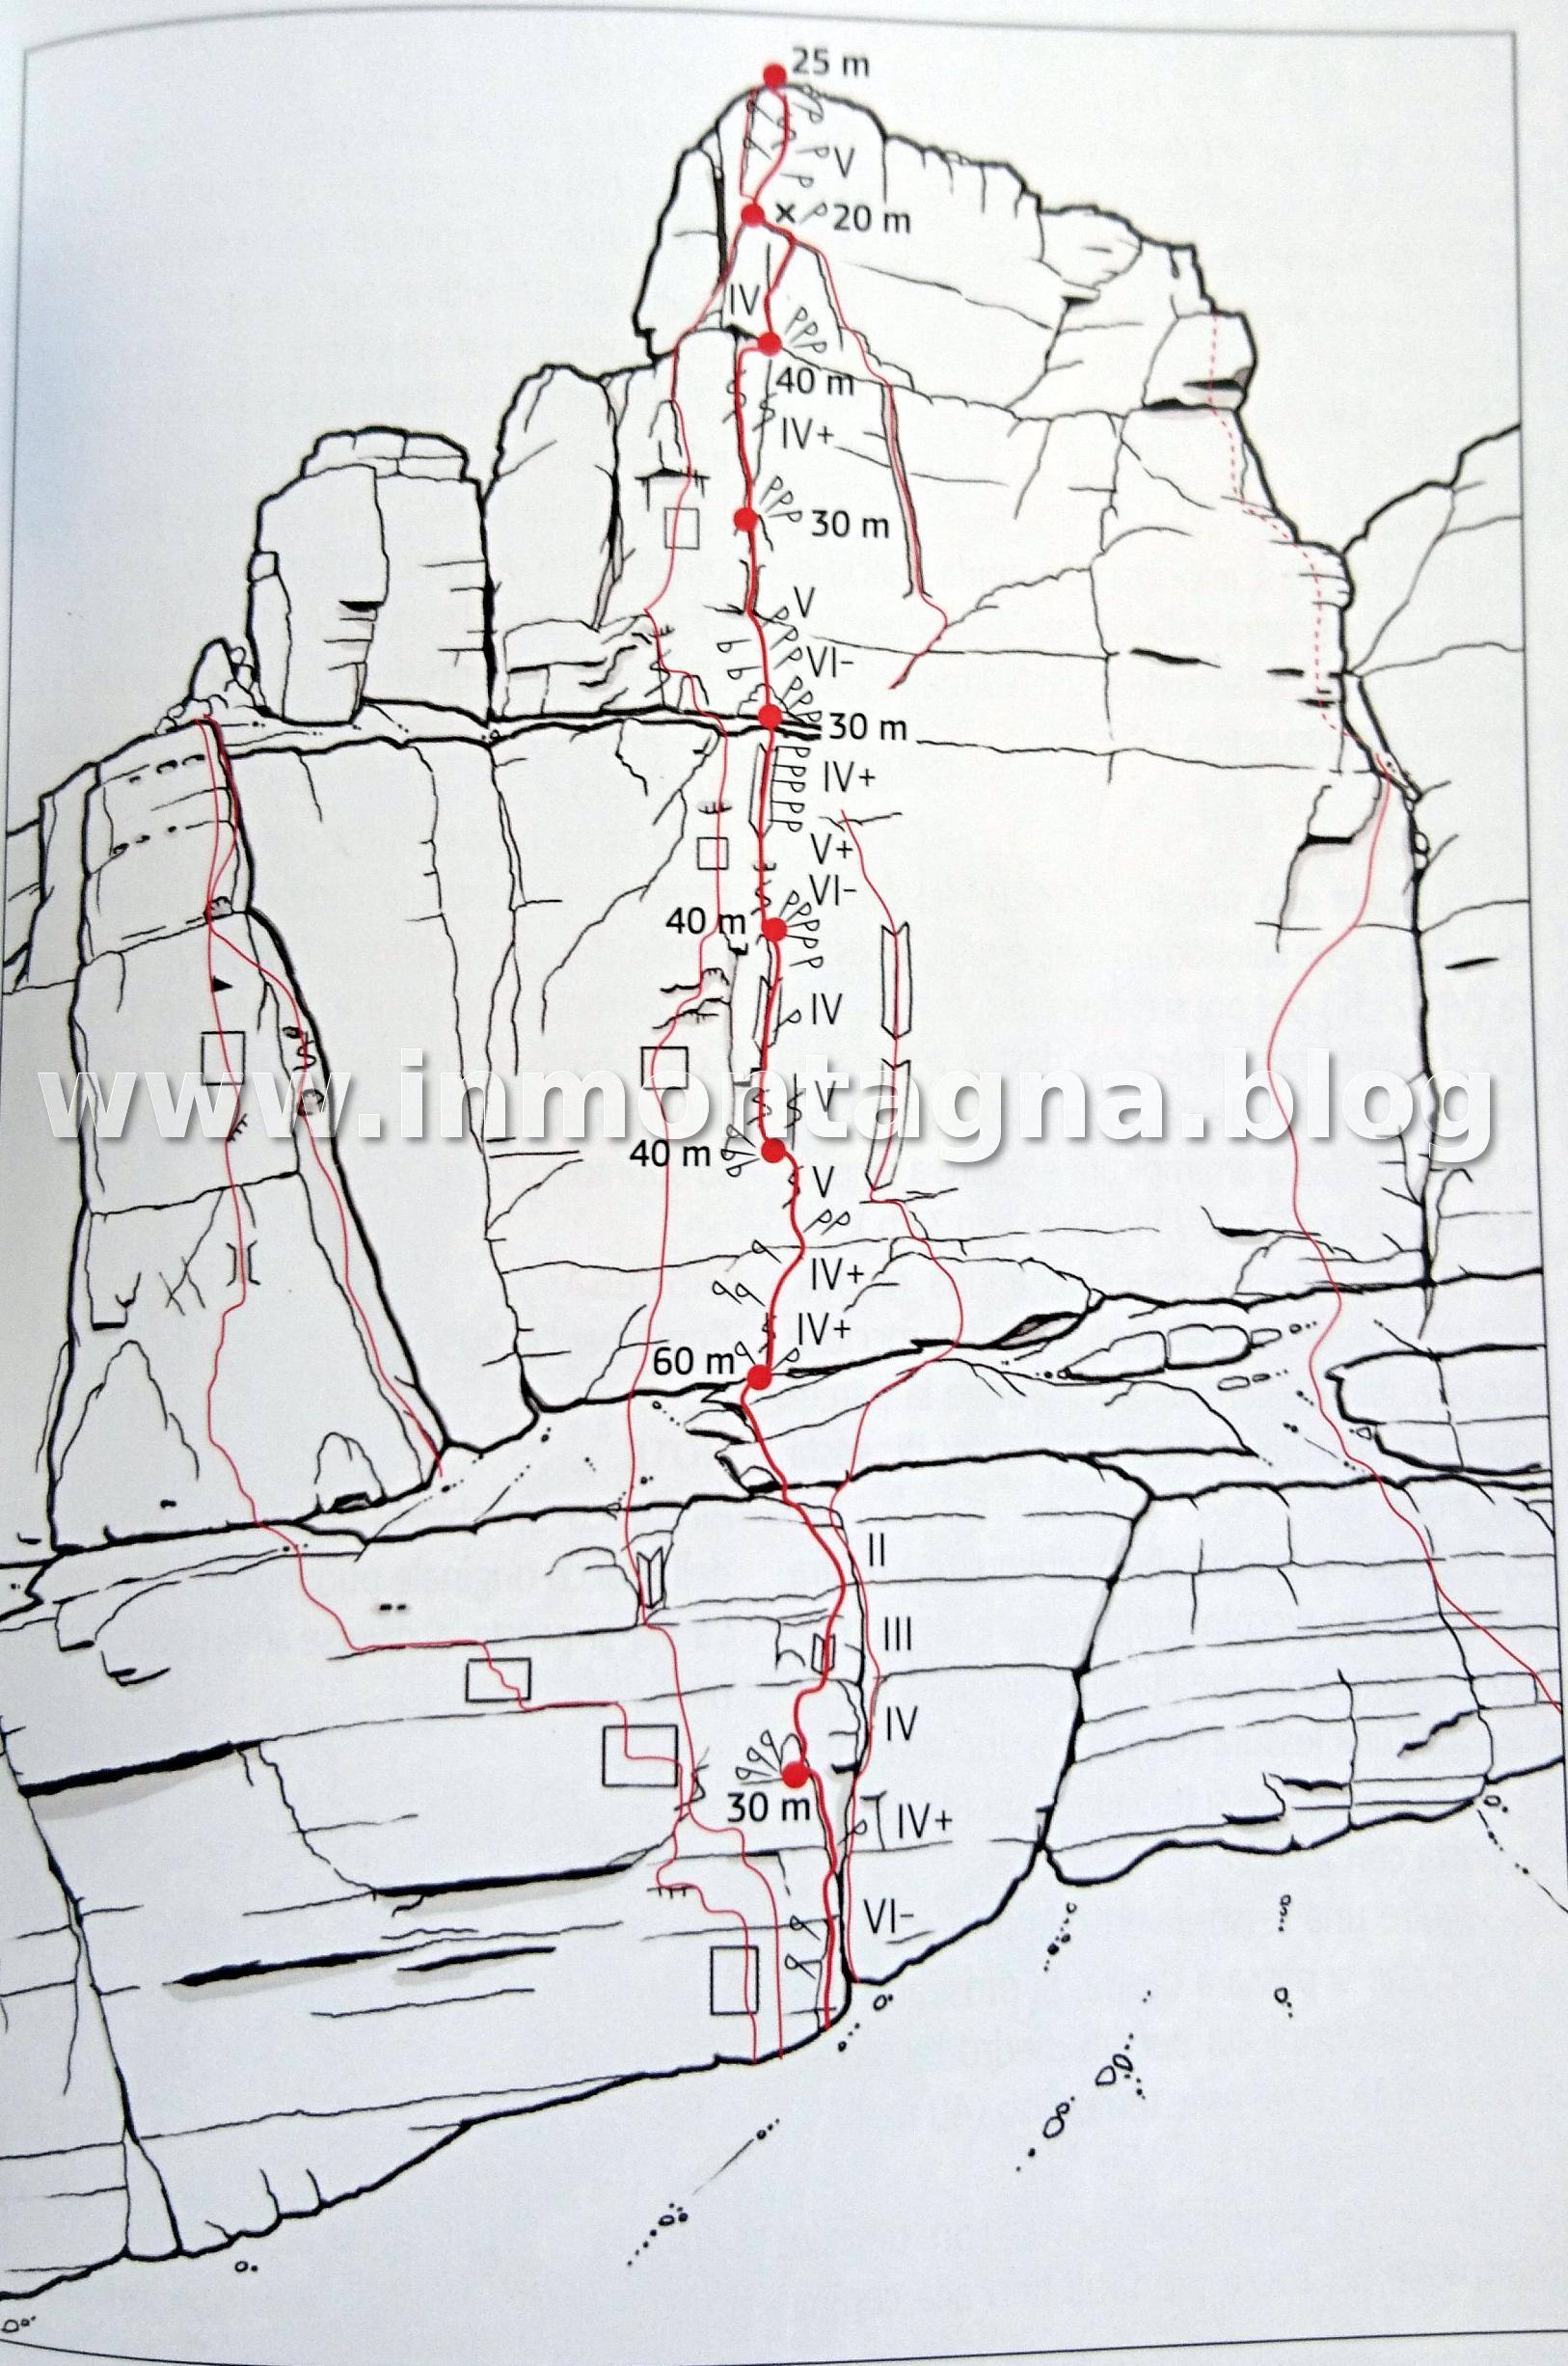 Relazione della via tratta dal libro Dolomiti di Brenta Vol.3 di Francesco Cappellari. Sono 3 volumi. Comprateli perché sono bellissimi e utilissimi!!